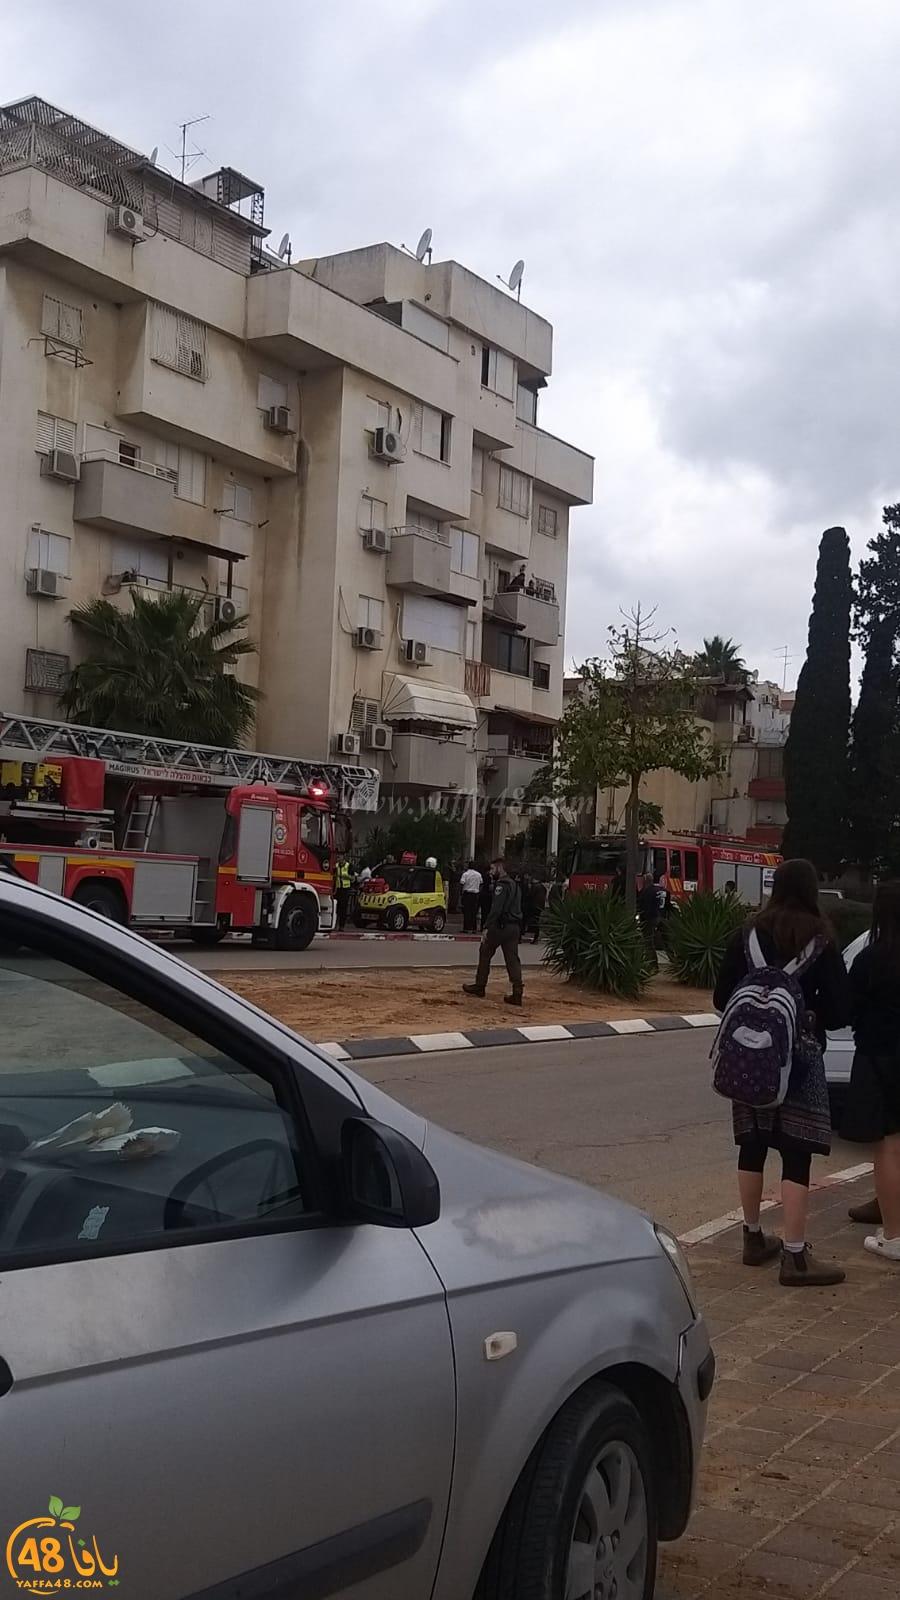 اللد: حريق داخل غرفة المصعد بعمارة سكنية دون اصابات